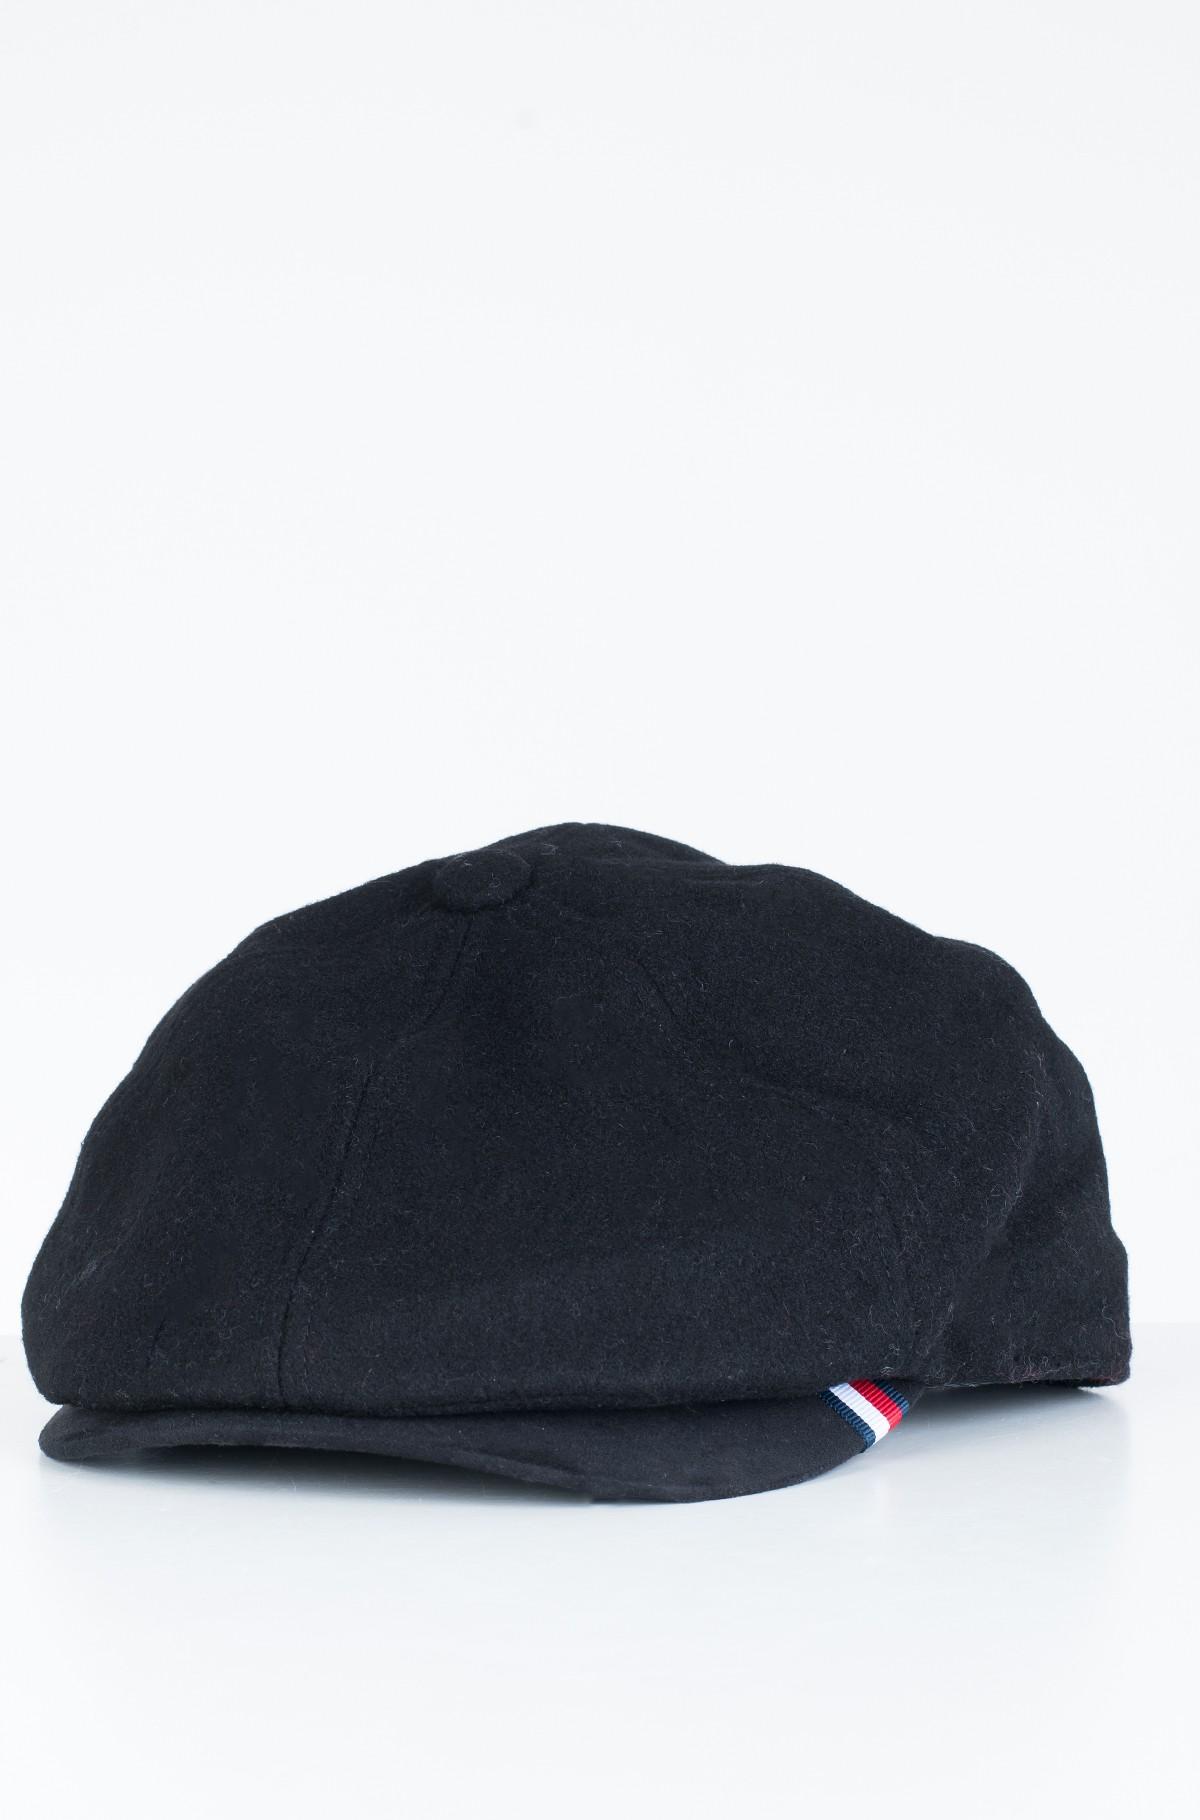 Tvido kepurė FLAT CAP-full-1